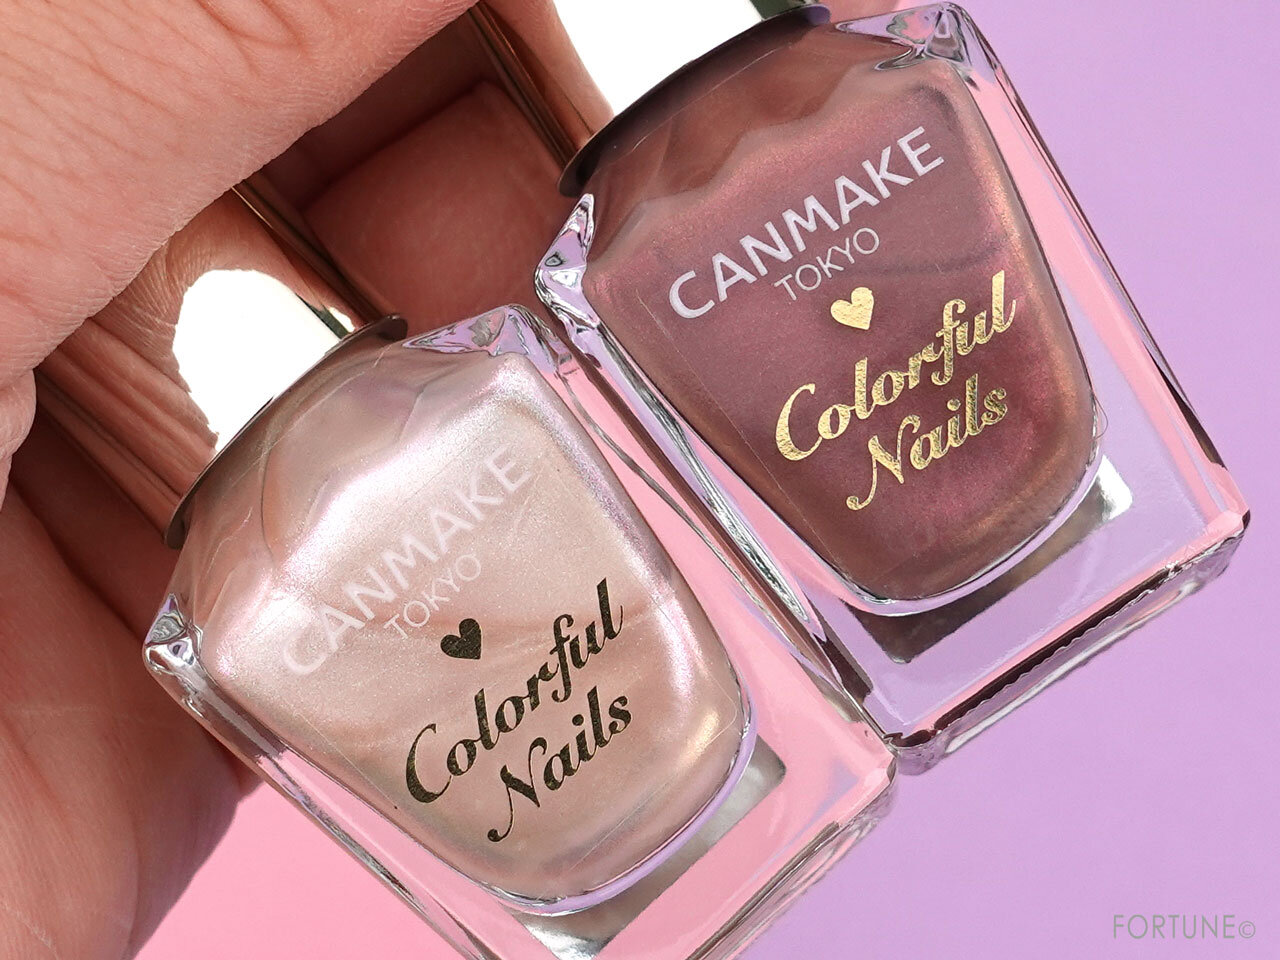 CANMAKE/キャンメイク カラフルネイルズ